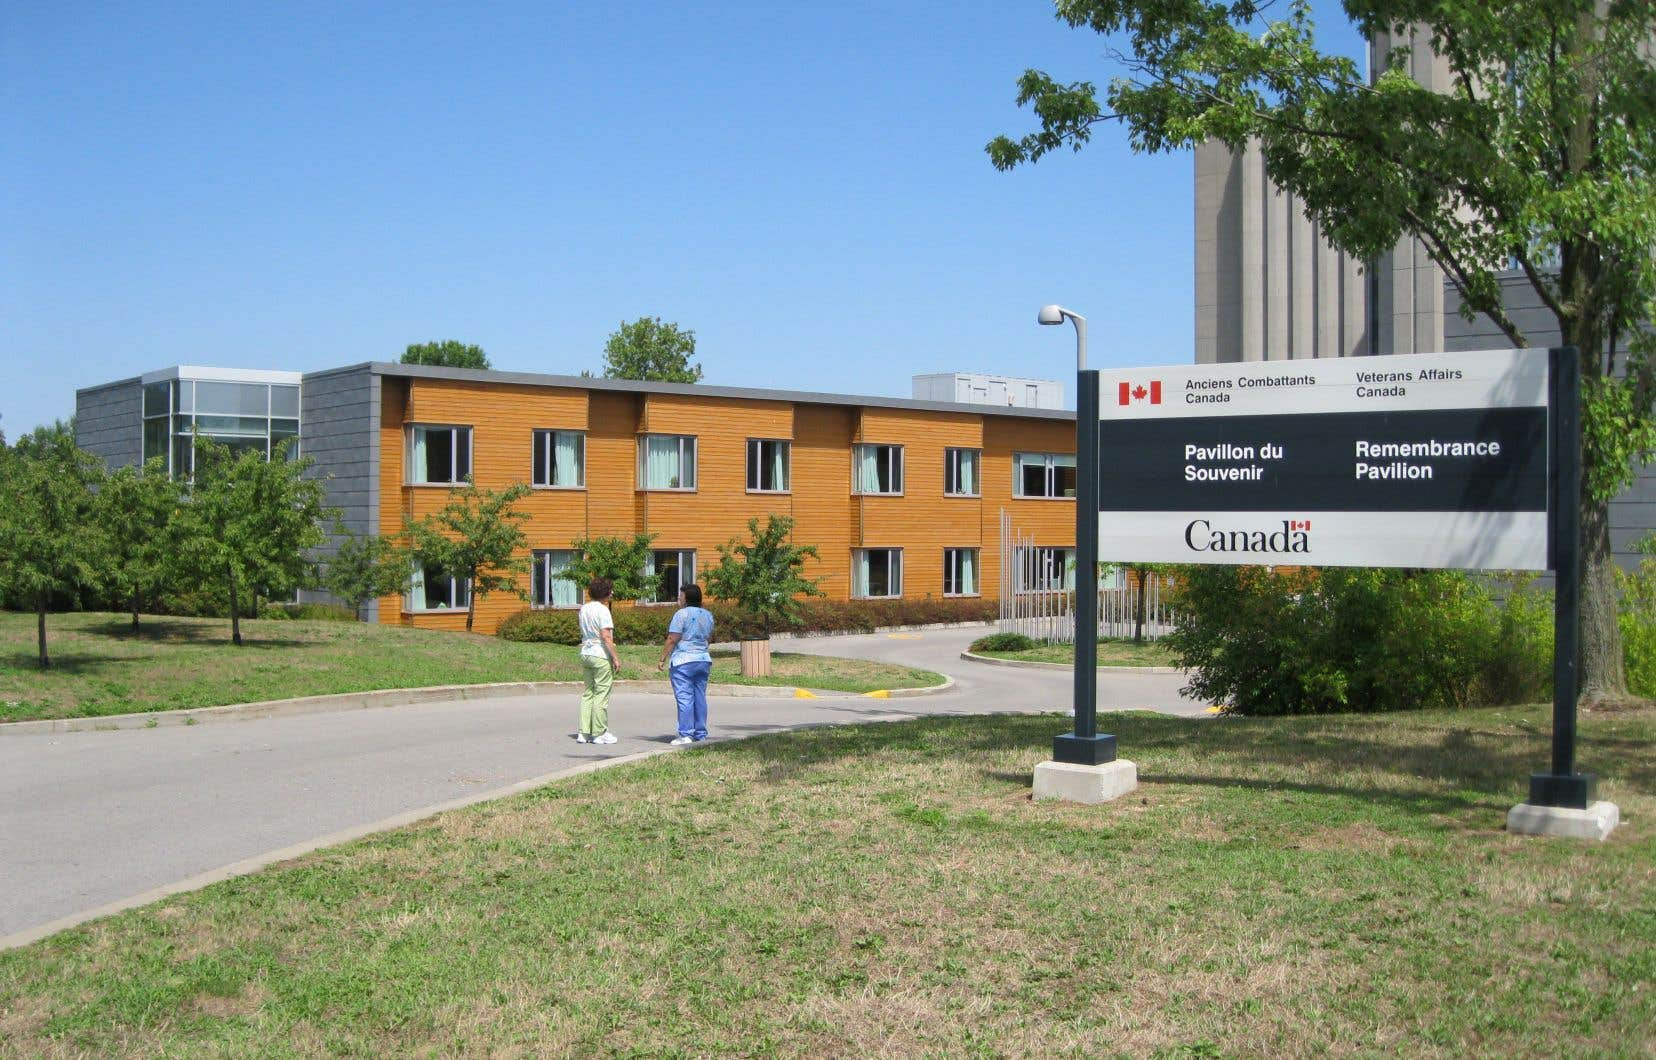 L'hôpital Sainte-Anne était le dernier établissement communautaire pour anciens combattants de compétence fédérale avant d'être cédé à Québec.